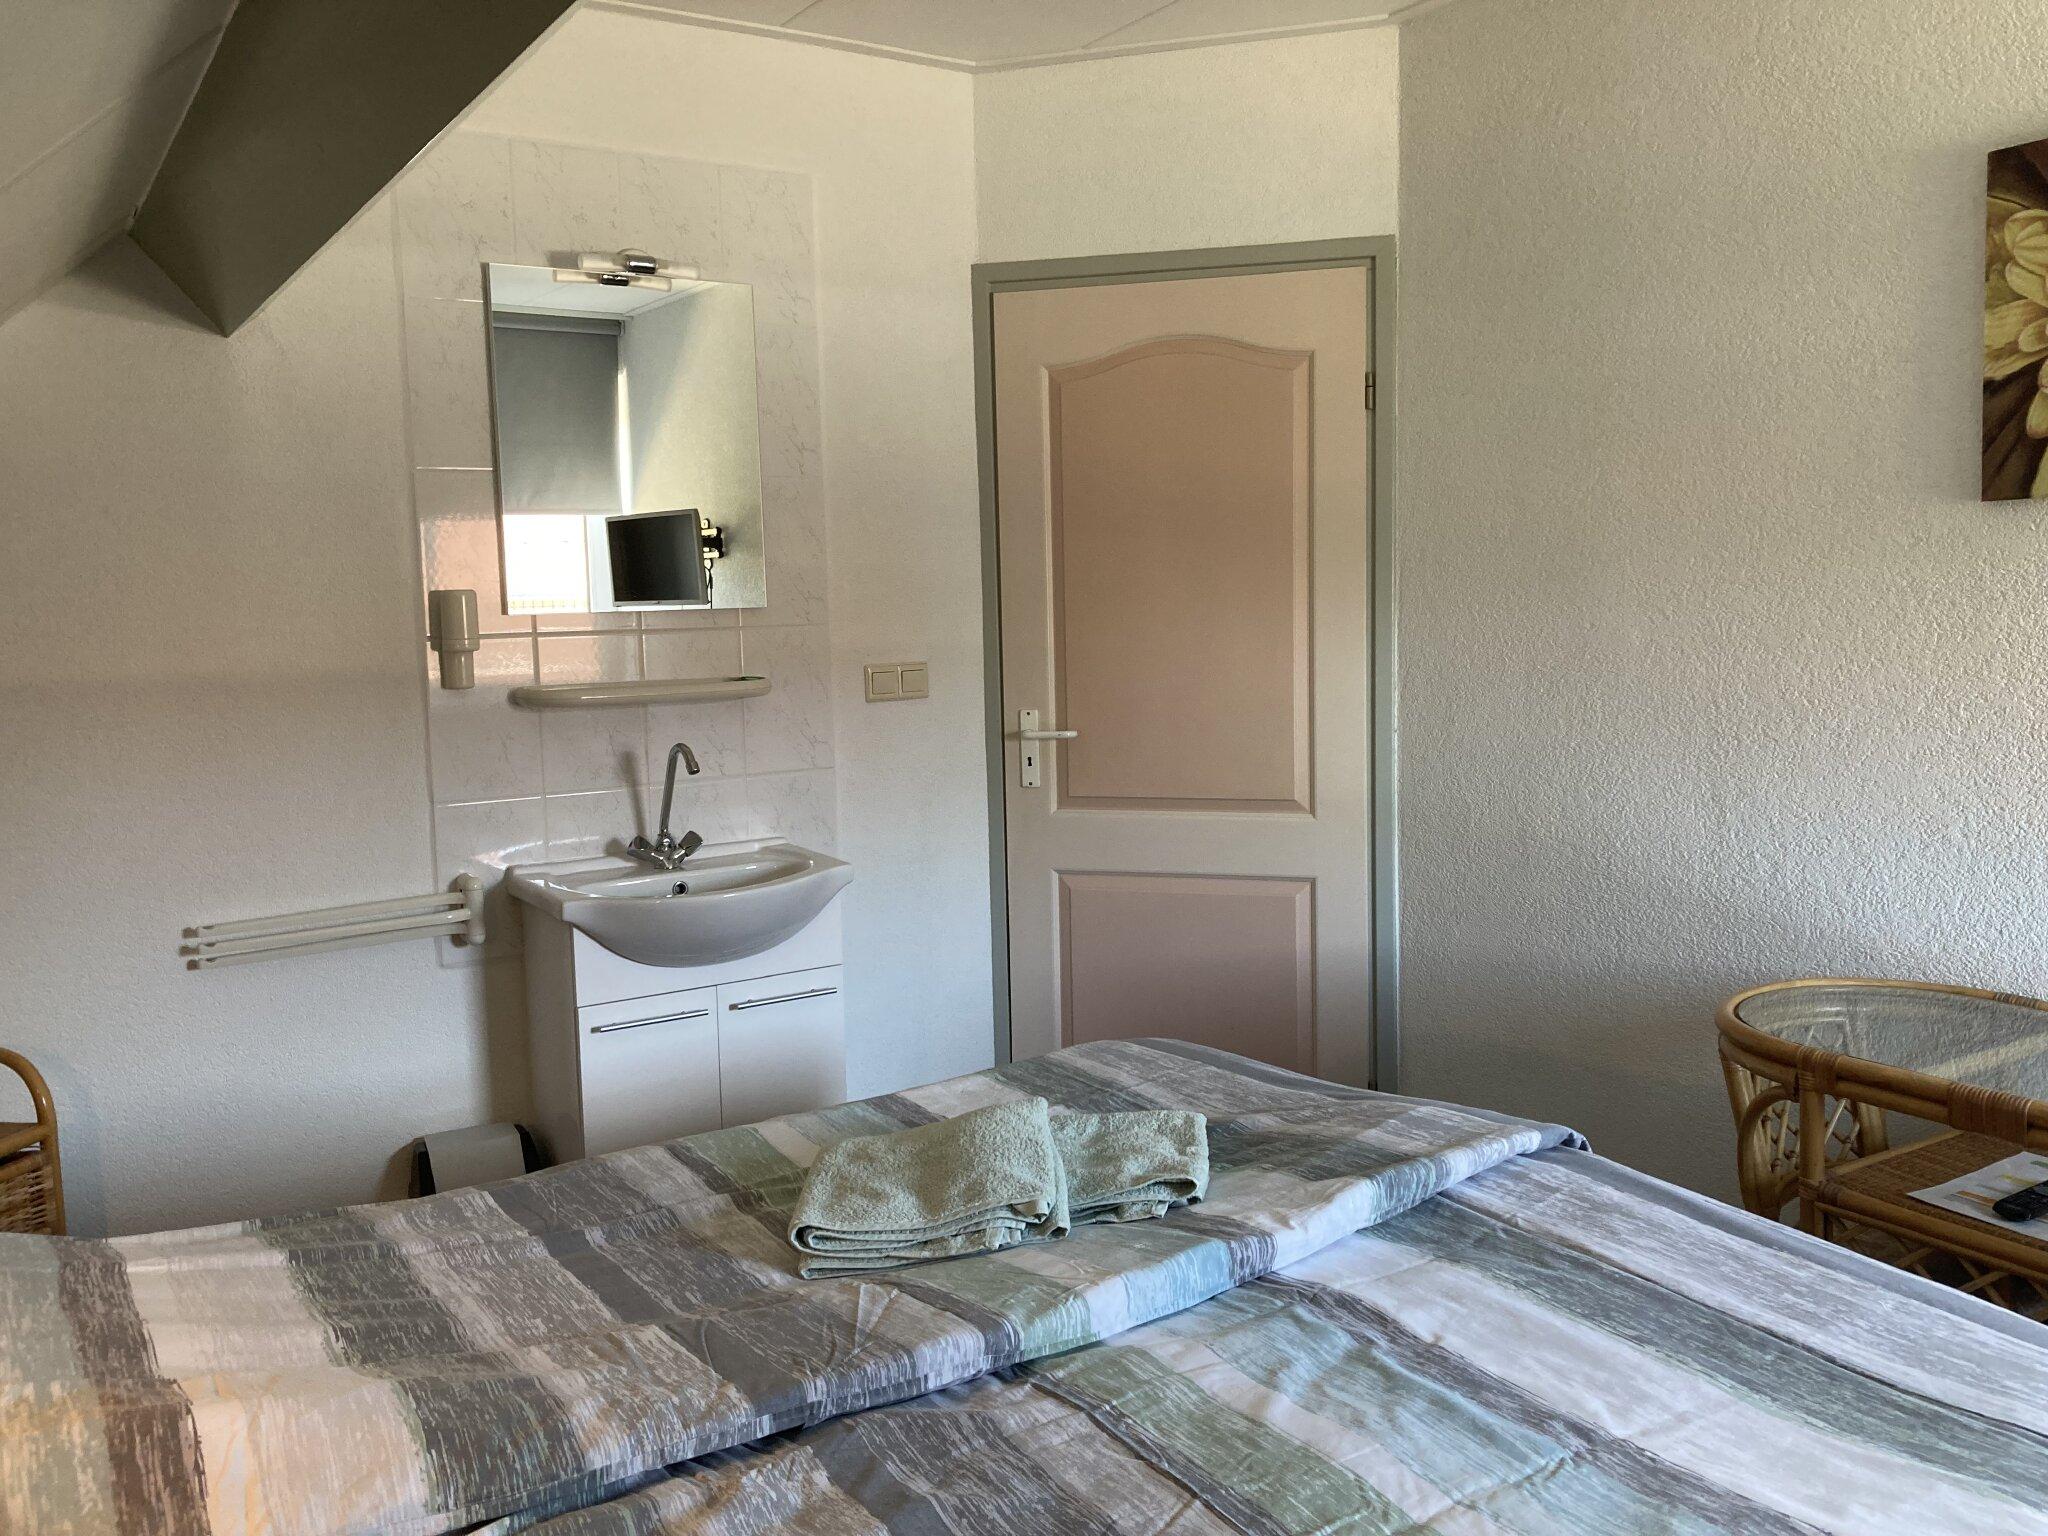 Doppelbett mit Waschbecken